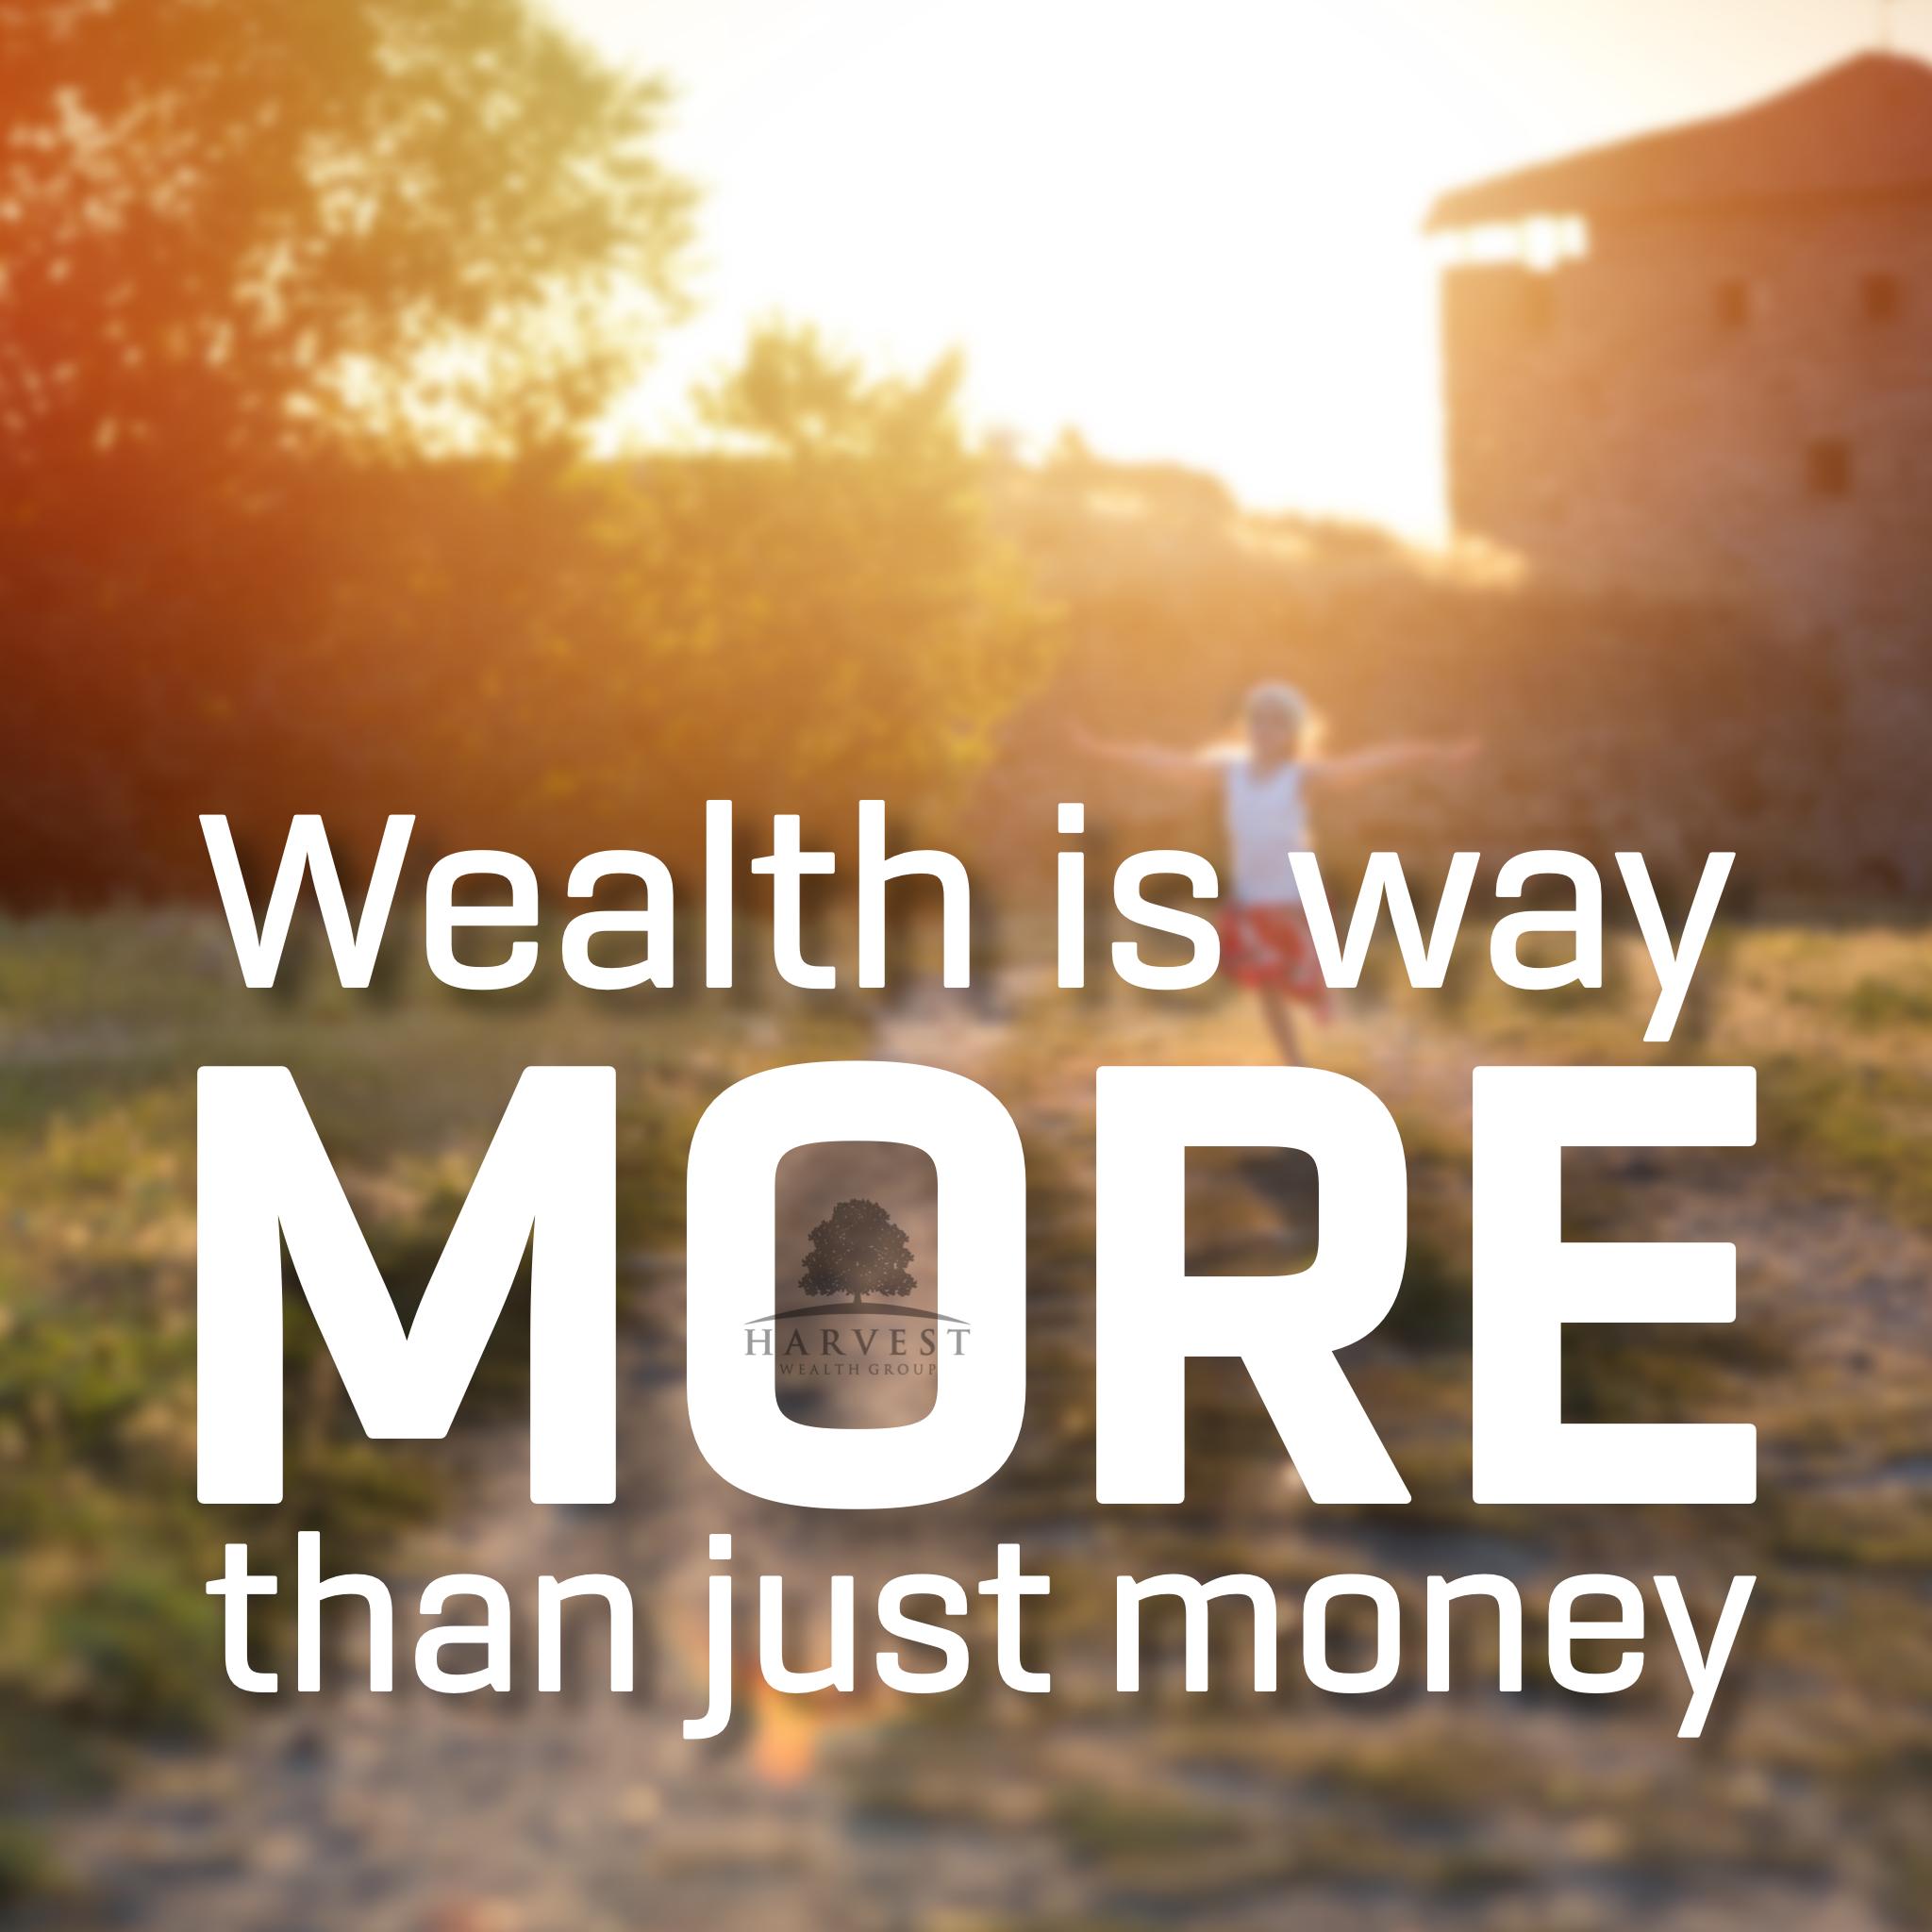 Harvest Wealth Group Secret Why